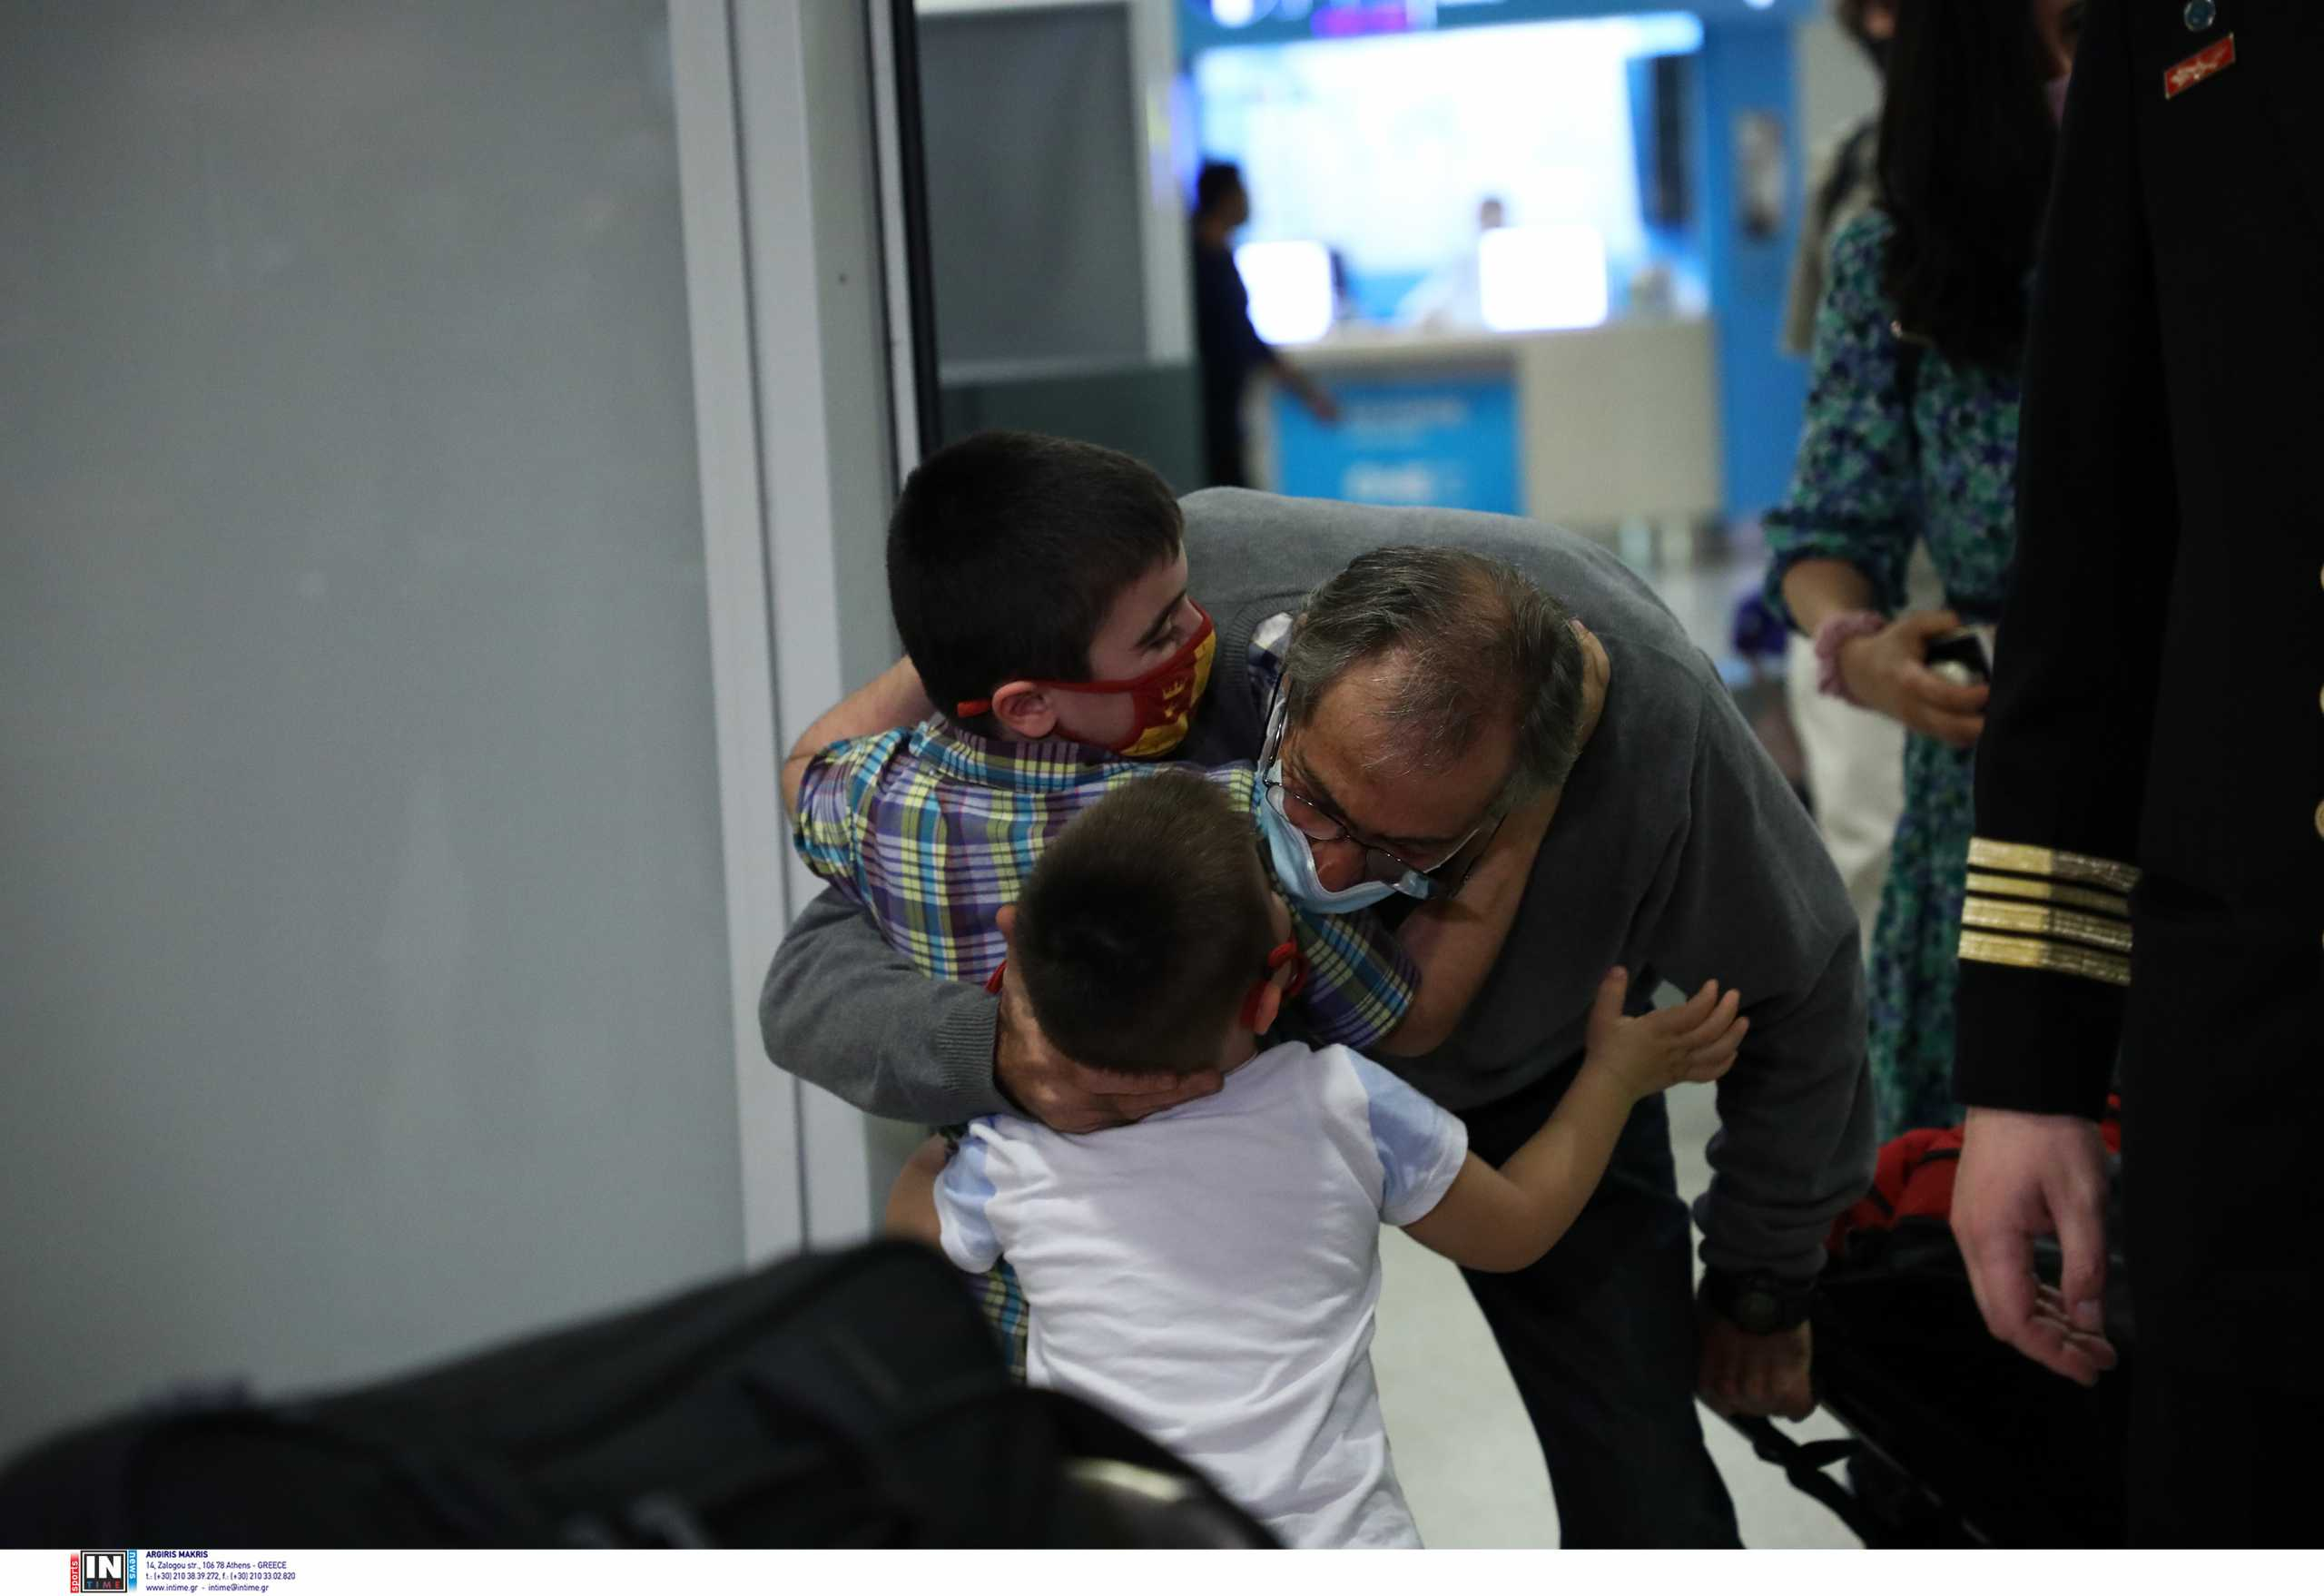 Τέλος το μαρτύριο για τους ναυτικούς του Angelic Power – Έφτασαν στην Ελλάδα (pics)